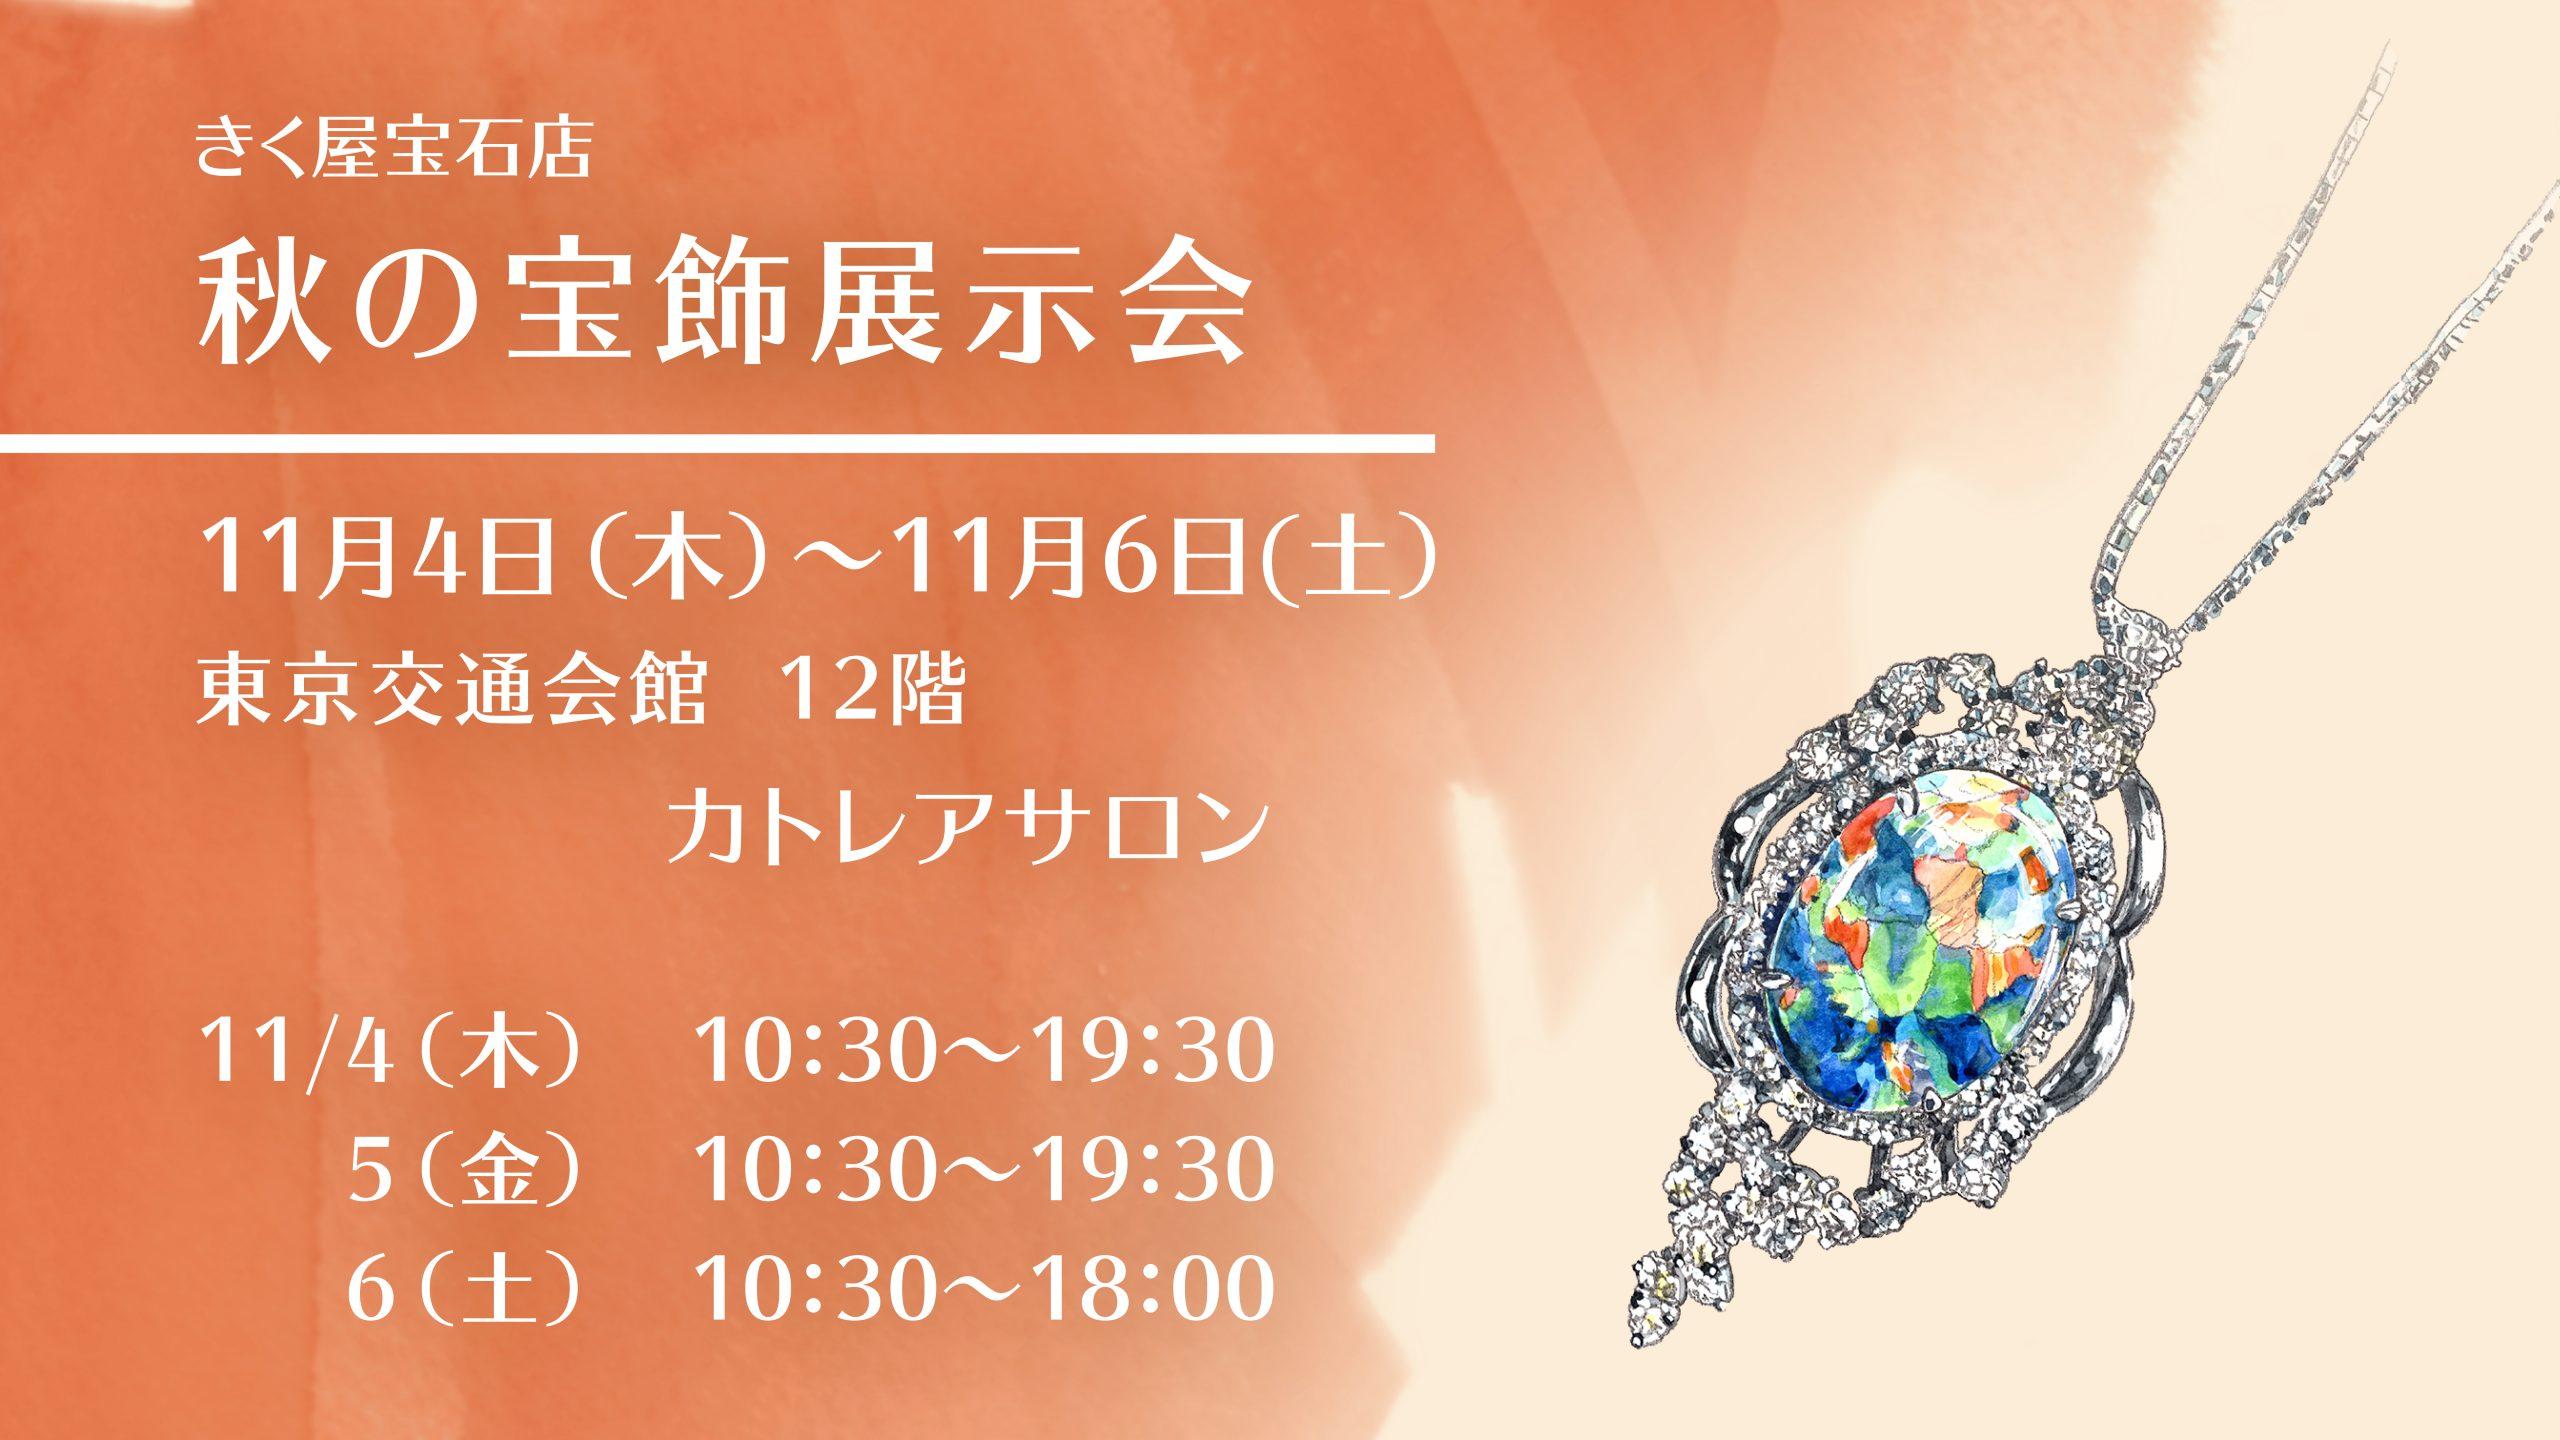 きく屋宝石店 秋の宝飾展示会